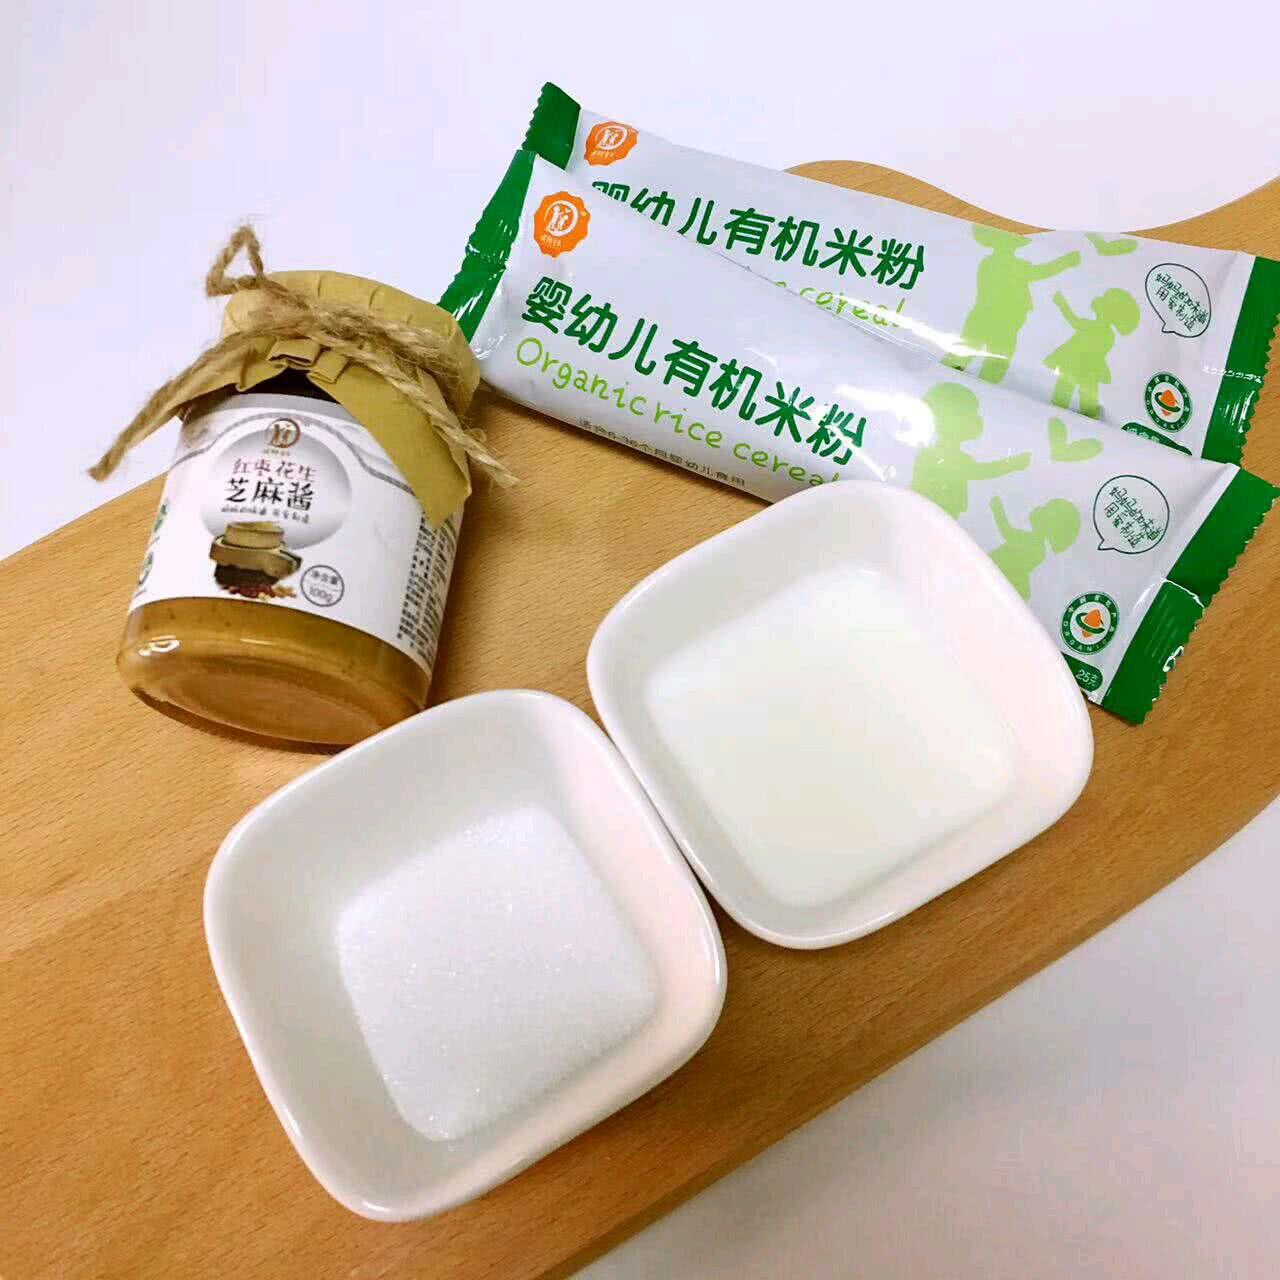 食材:真空有机红枣80g,花生食品芝麻酱30g,米粉奶40g,白砂糖10g配方小婴儿阜阳包装袋图片